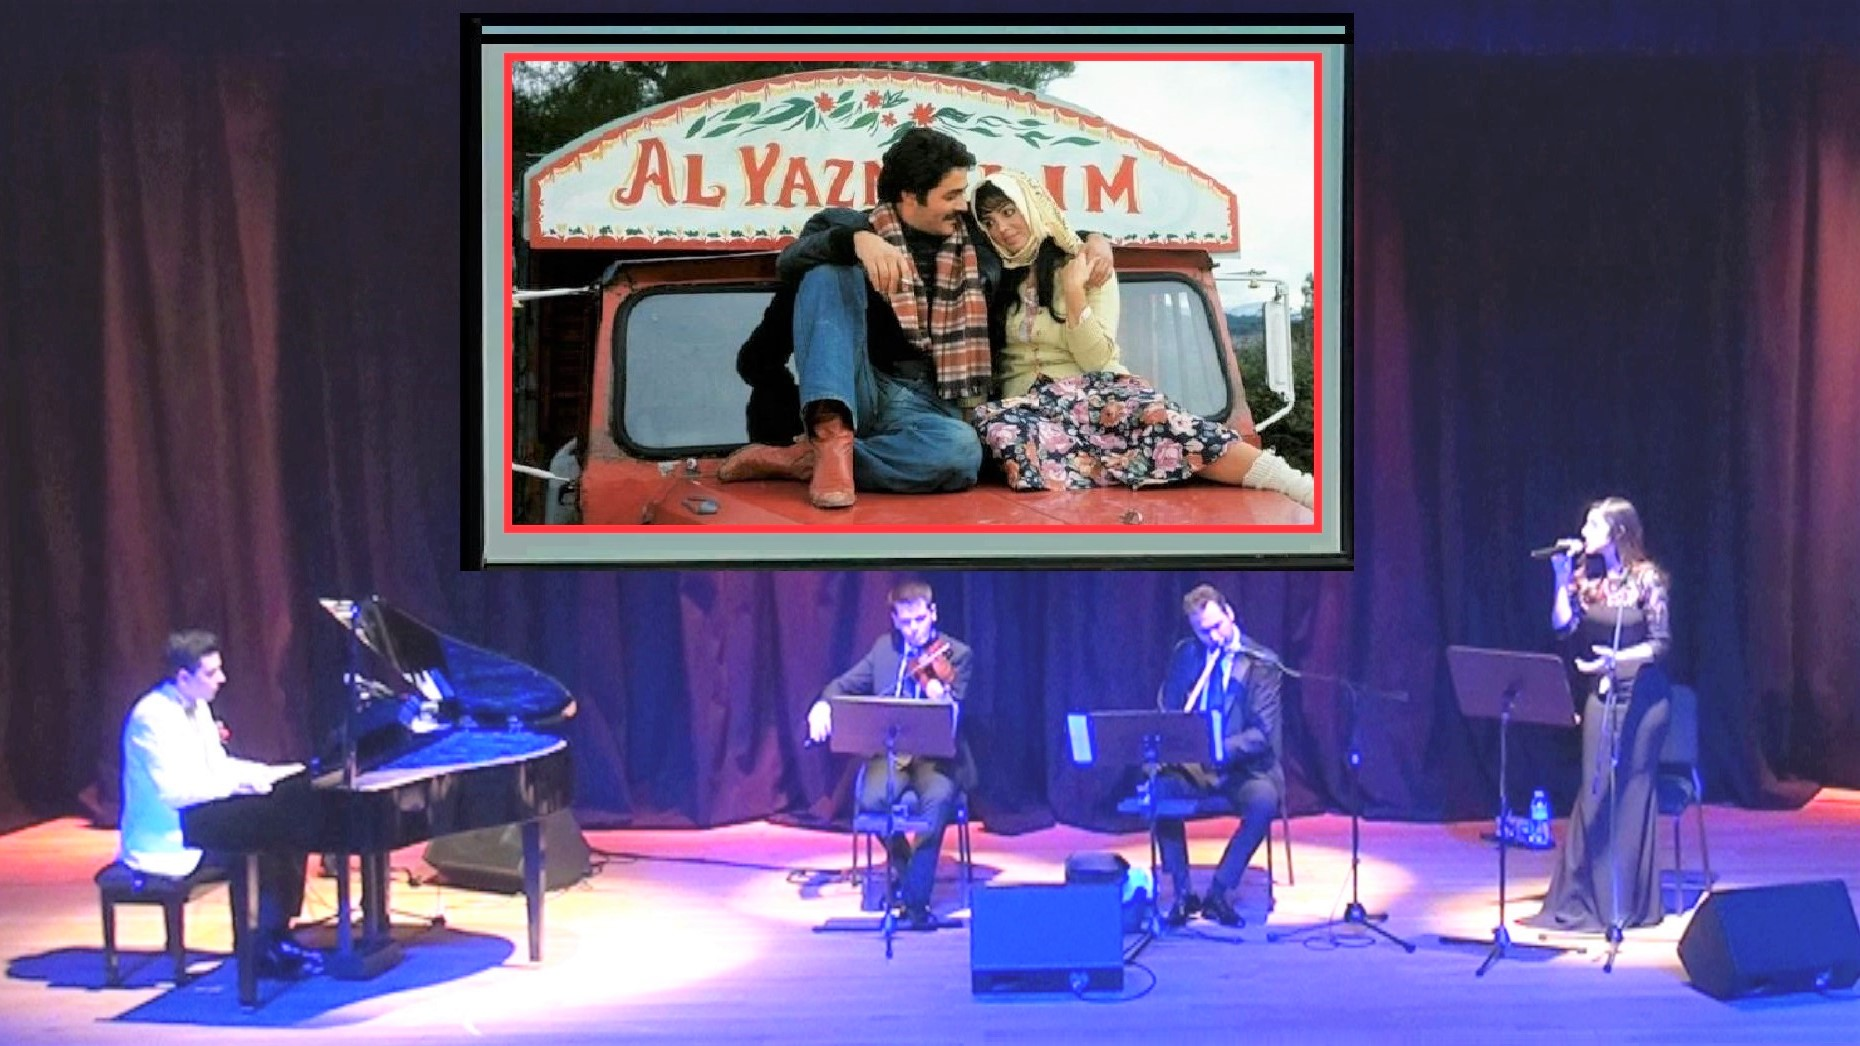 Selvi Boylum Al Yazmalım Piyano Keman Ney Güneş Yakartepe Türk Sinema Klasikleri Film Müziği En Güzel Yeşilçam Unutulmaz Sinema Nostalji Jenerik Şarkılar Enstrümantal Konseri